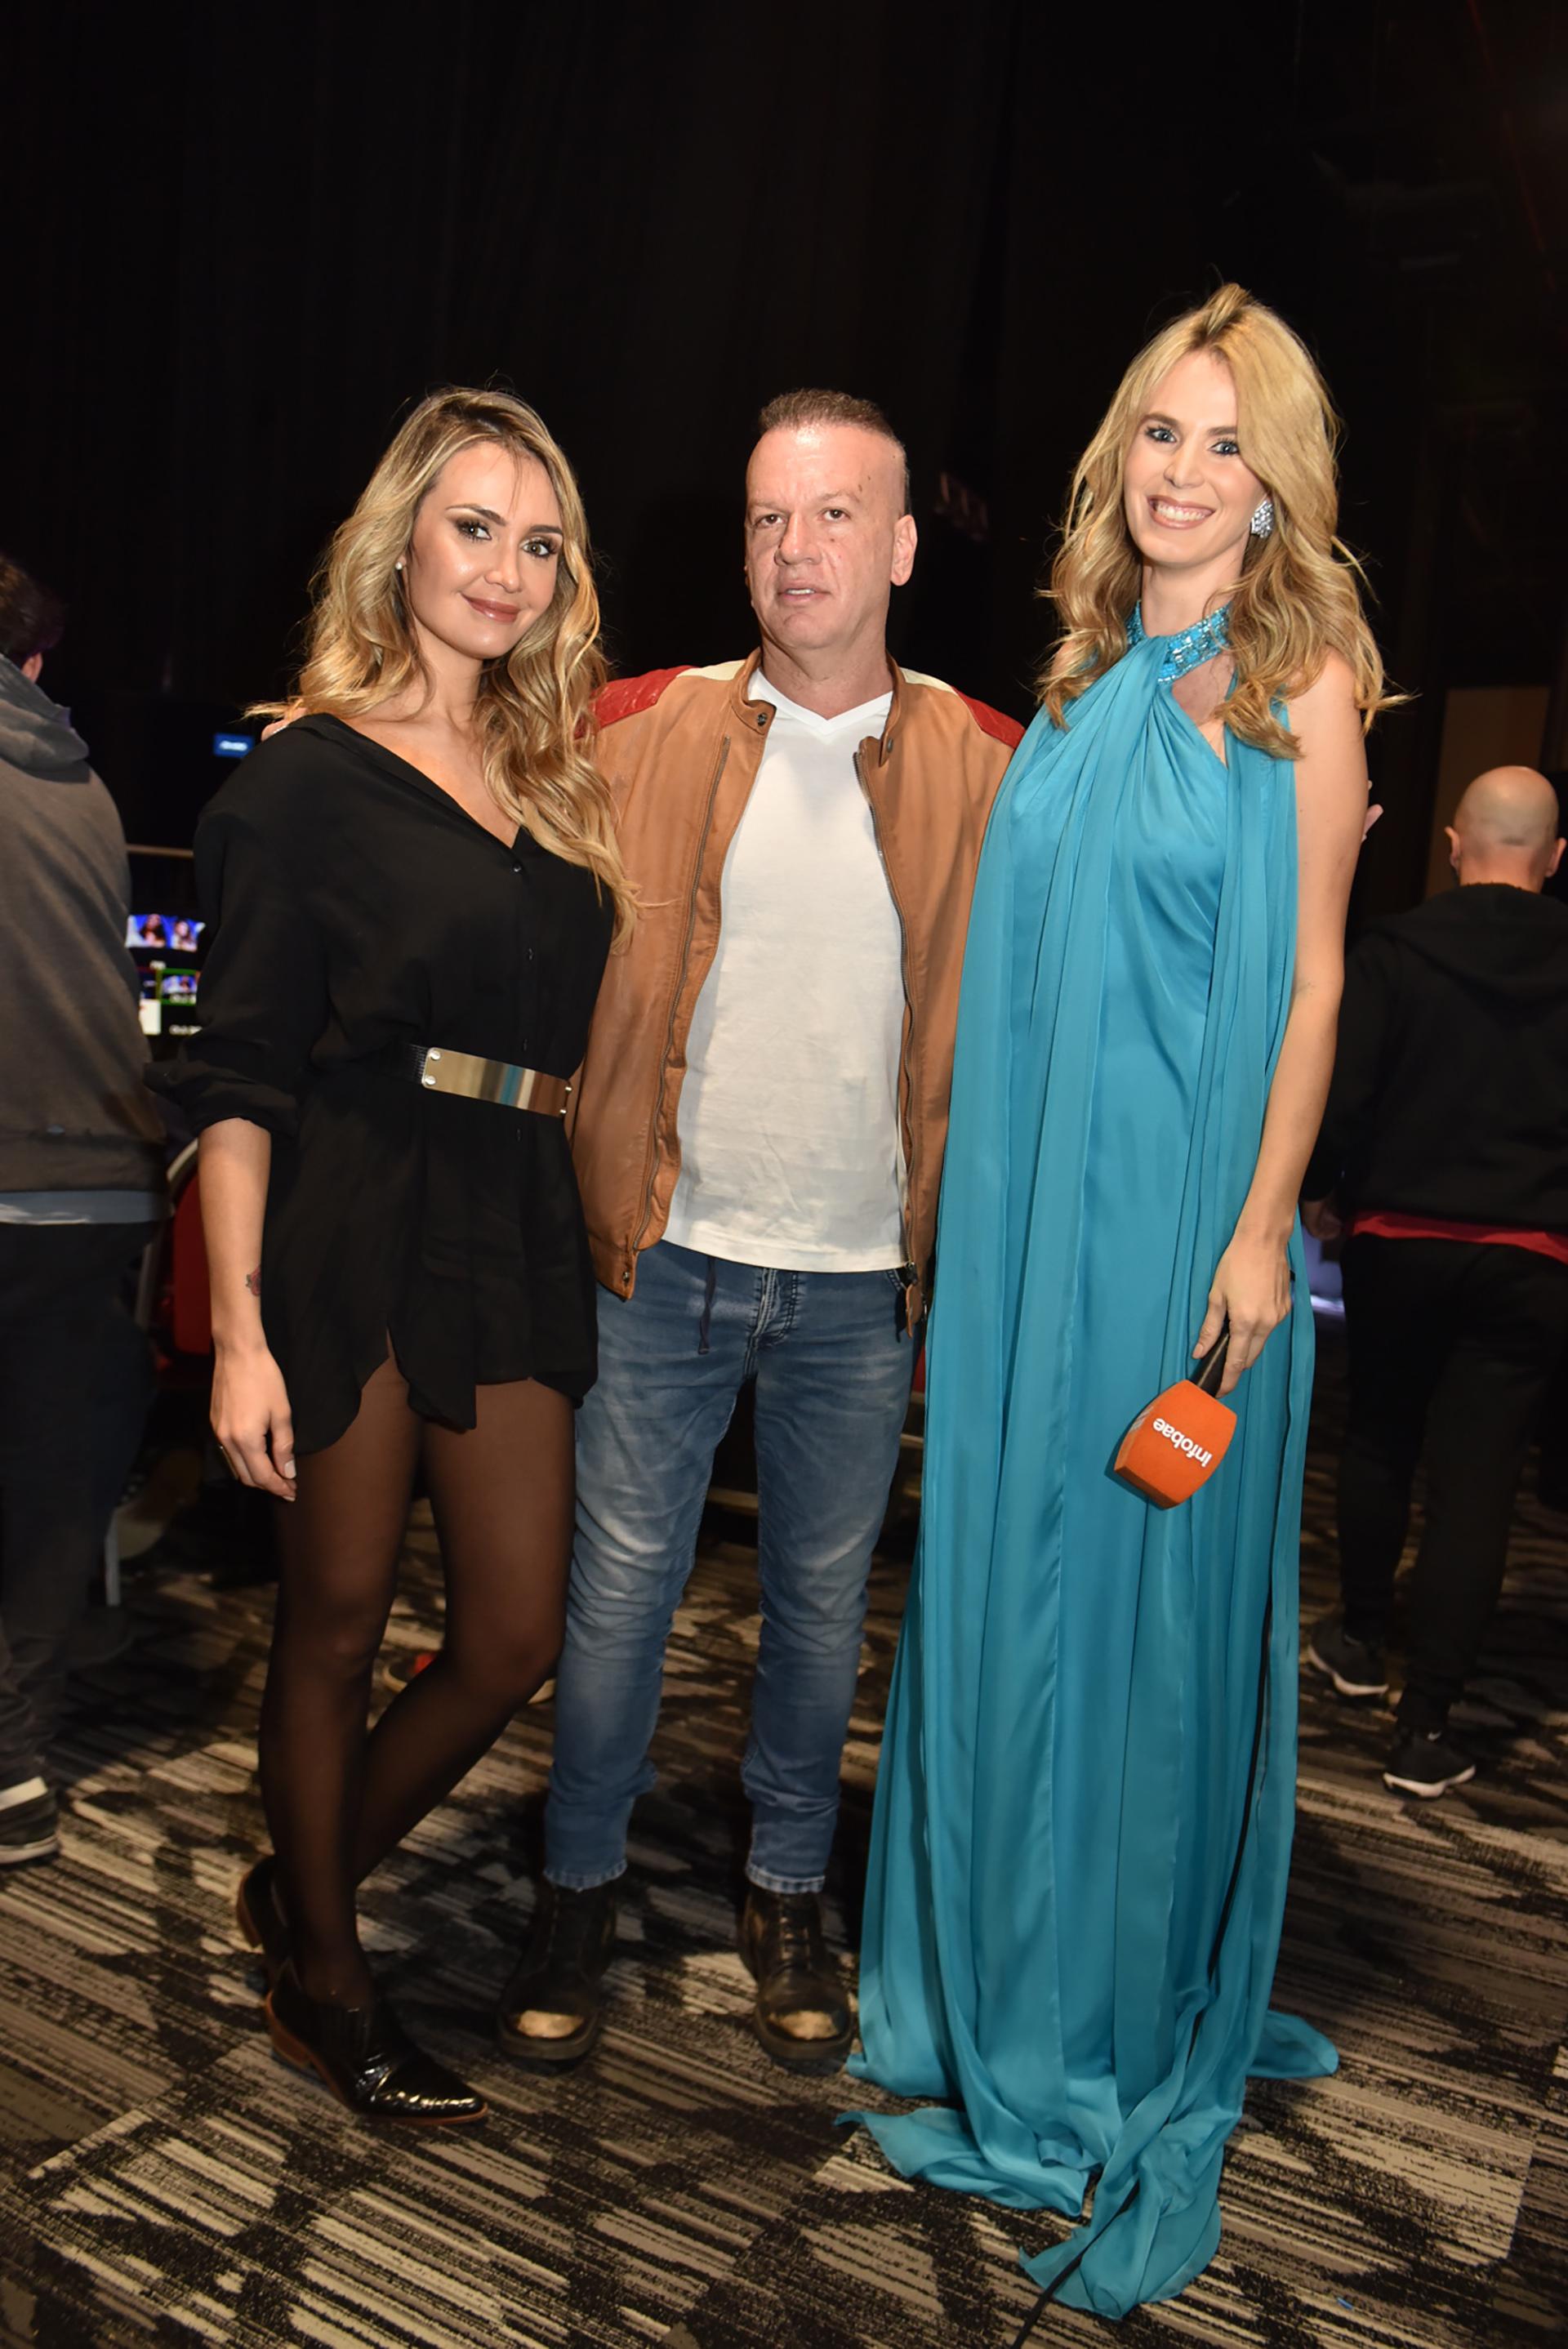 Melina Pitra, Leandro Rud y Rocío Vivas en backstage a punto de empezar el tan esperado desfile de Silkey